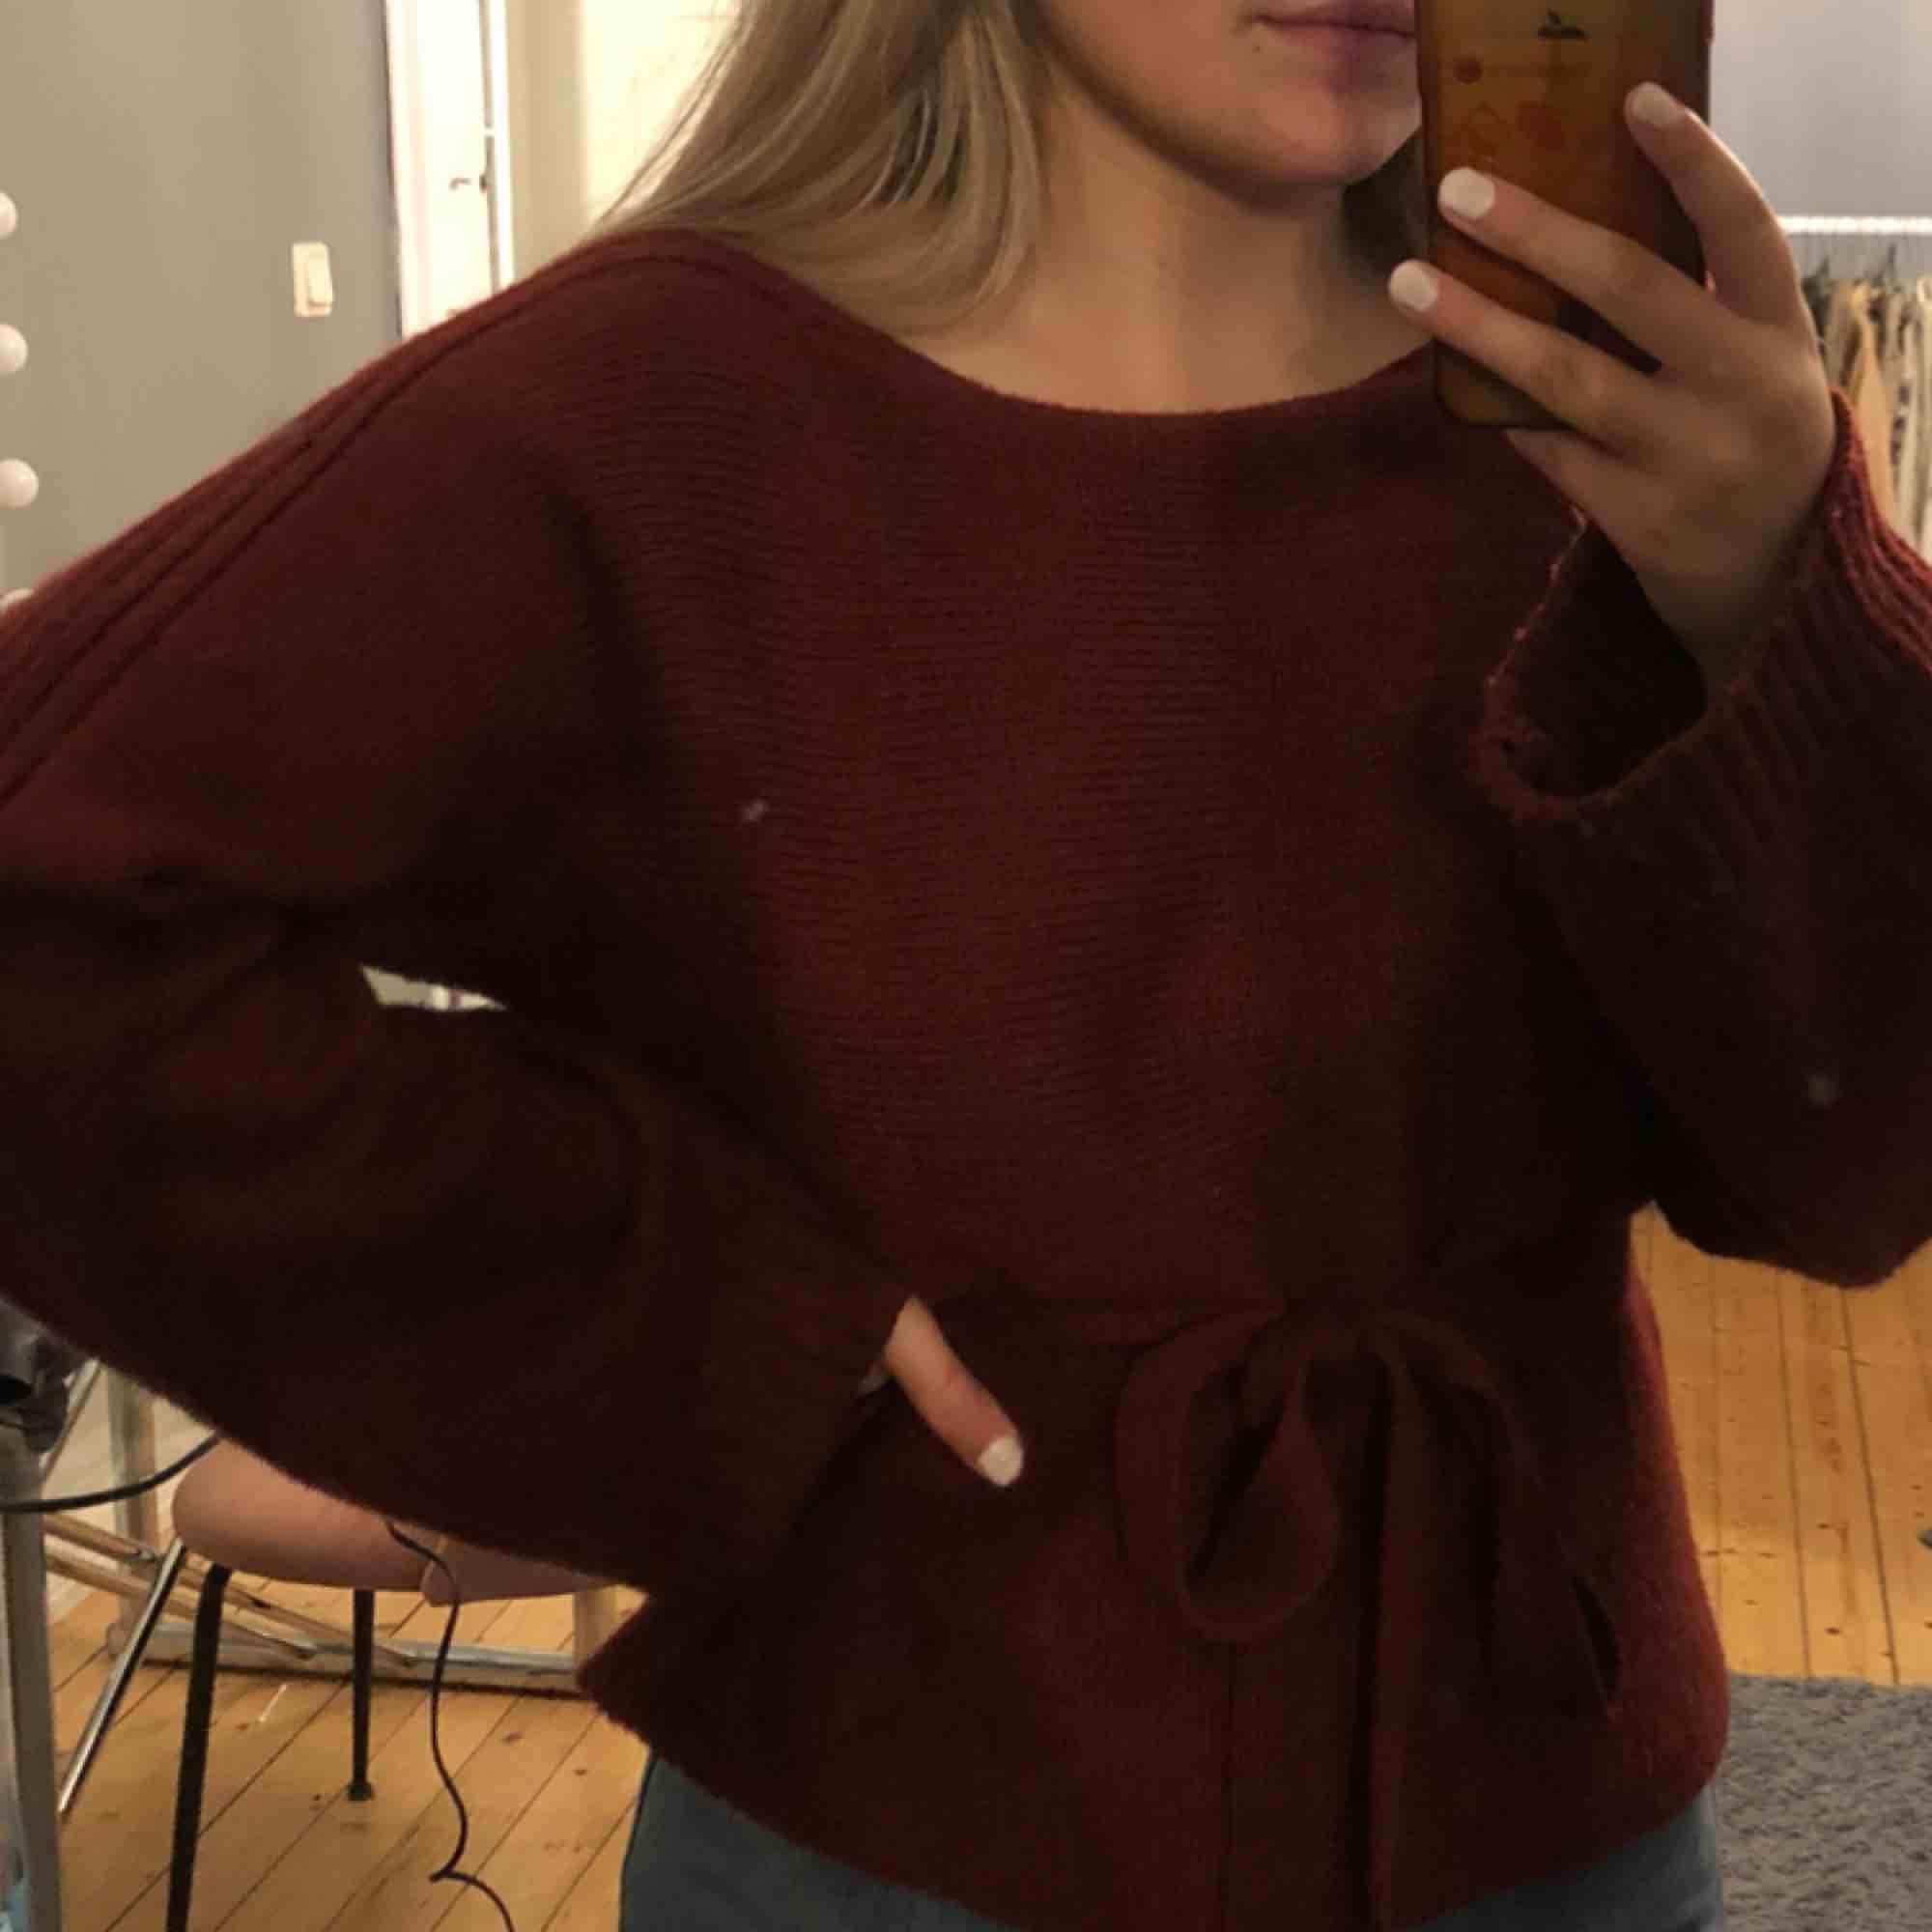 En vi röd stickad tröja med vidare armar och detaljer på, tröjan kommer med ett stickat bälte i samma färg och matrial, tröjan är använd 1 gång. Stickat.